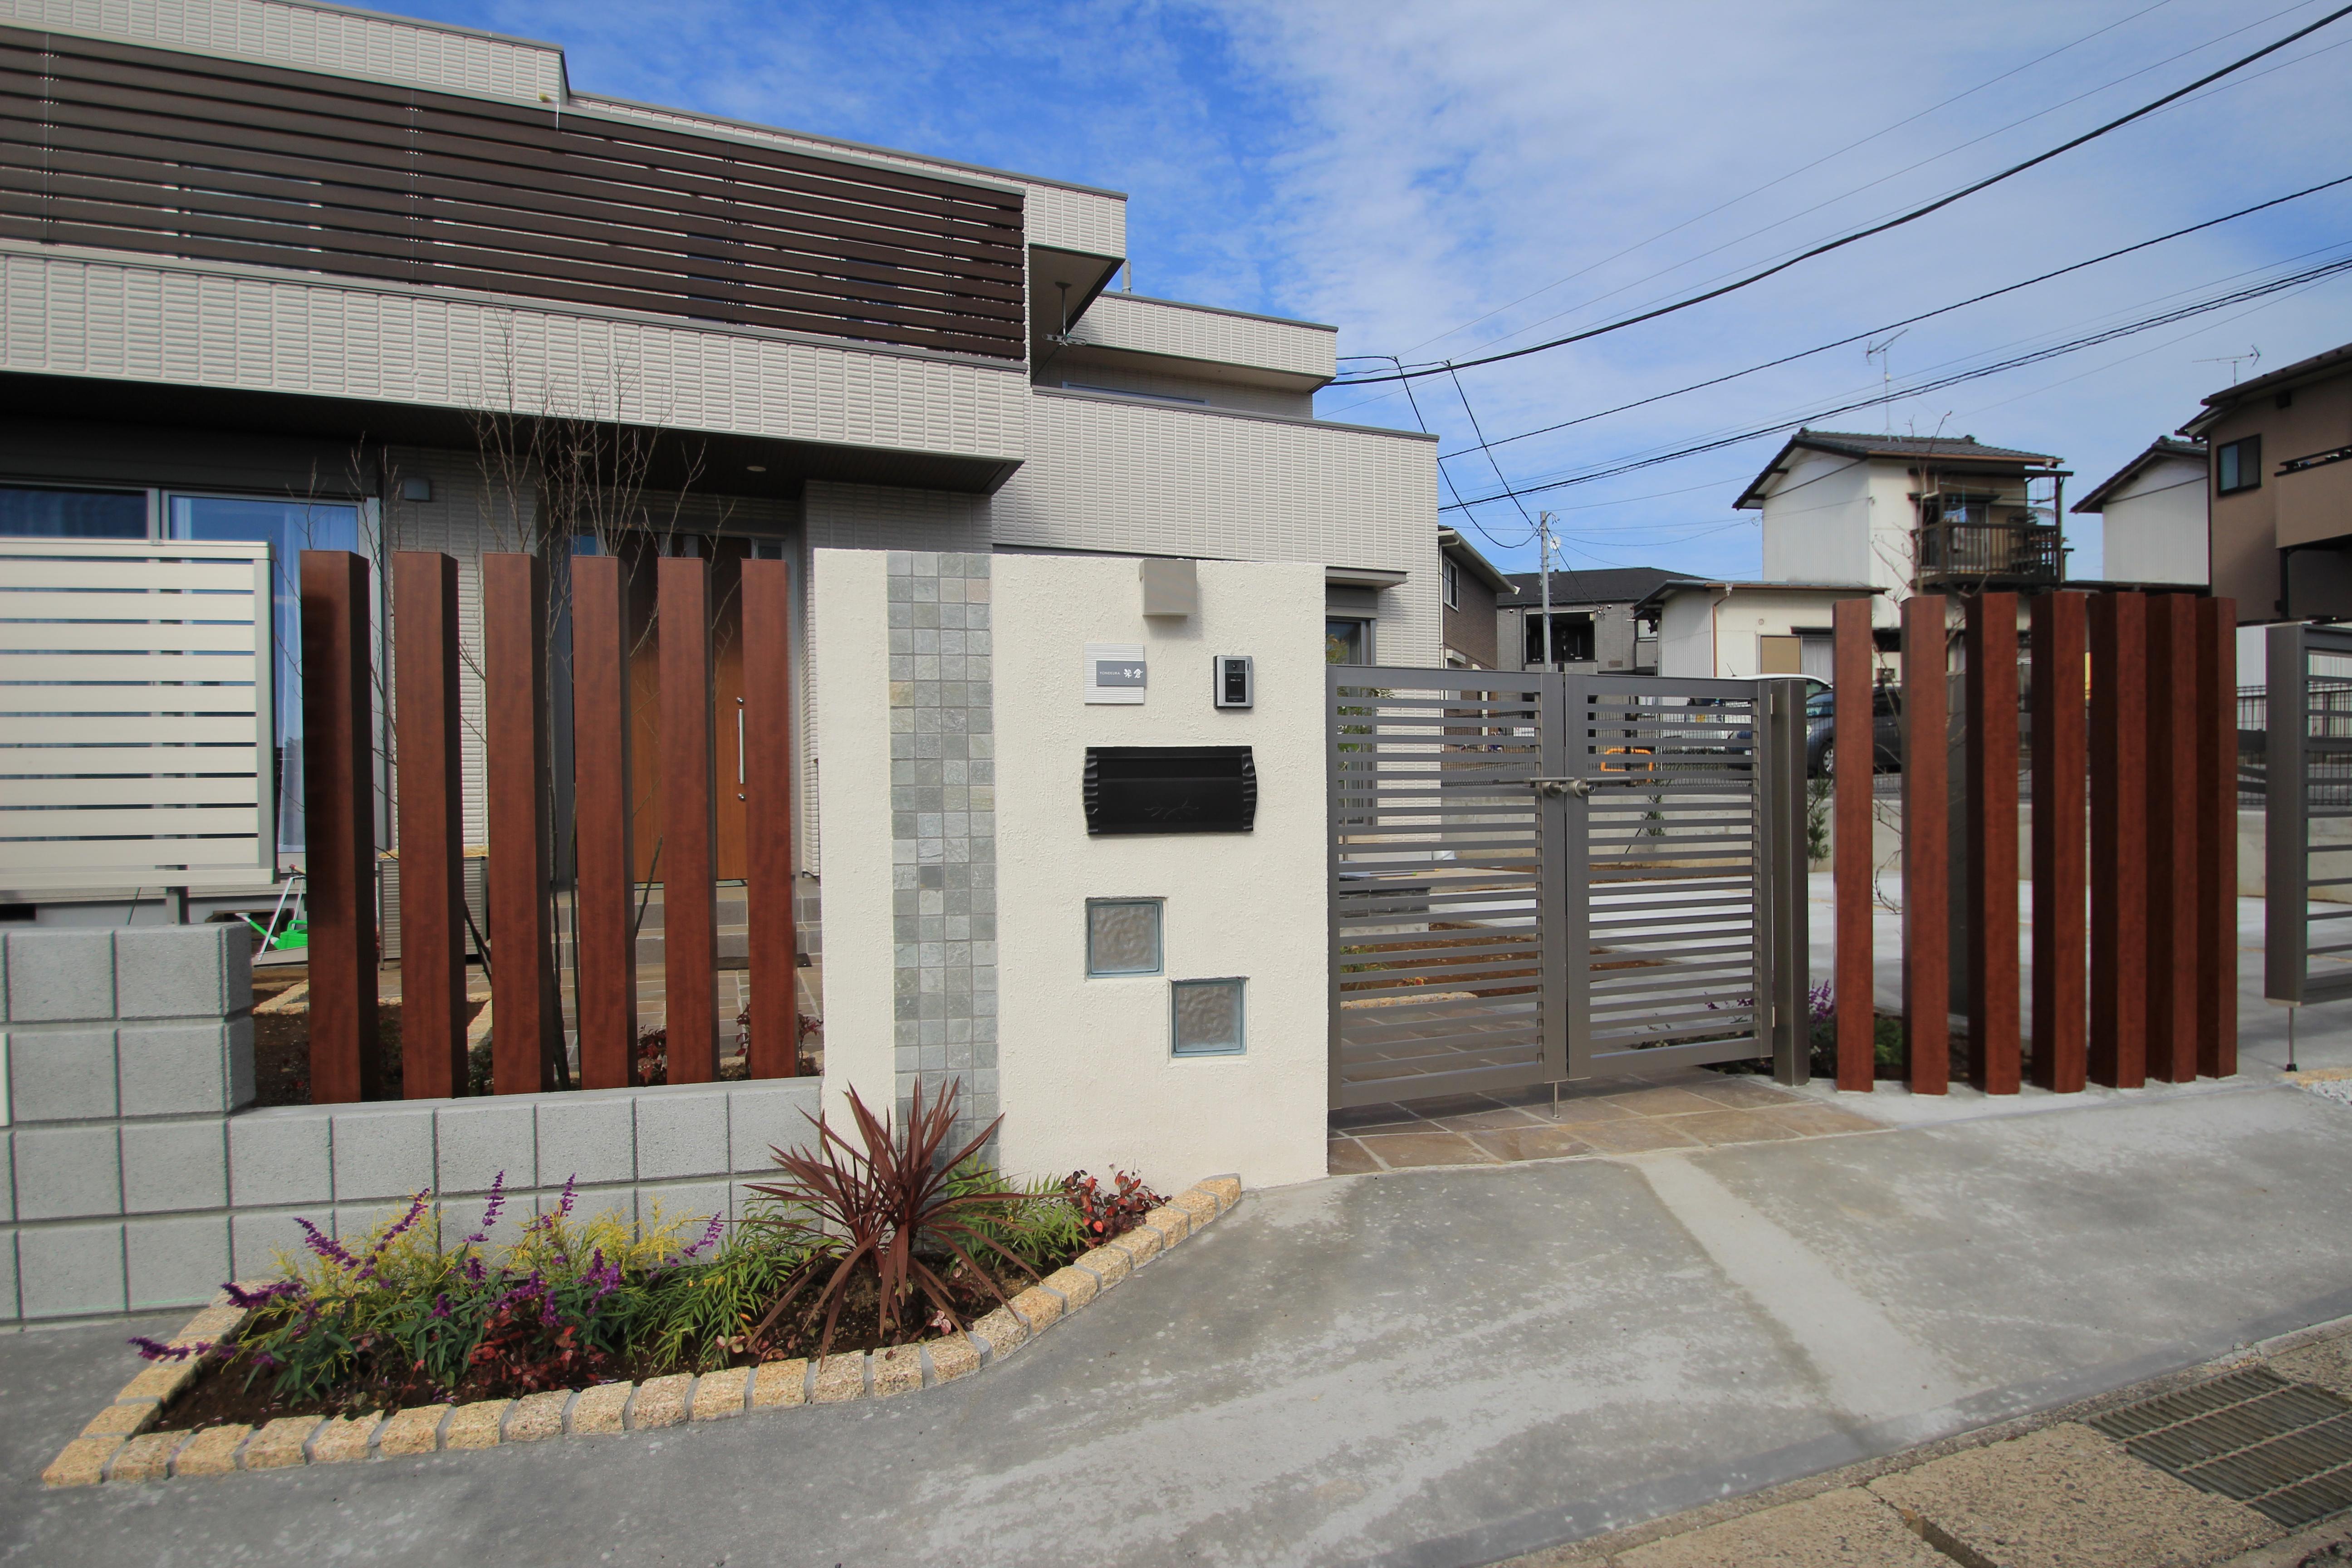 水平線を基調に石畳のアプローチとガラスブロックの素敵なハーモニー。千葉市。9